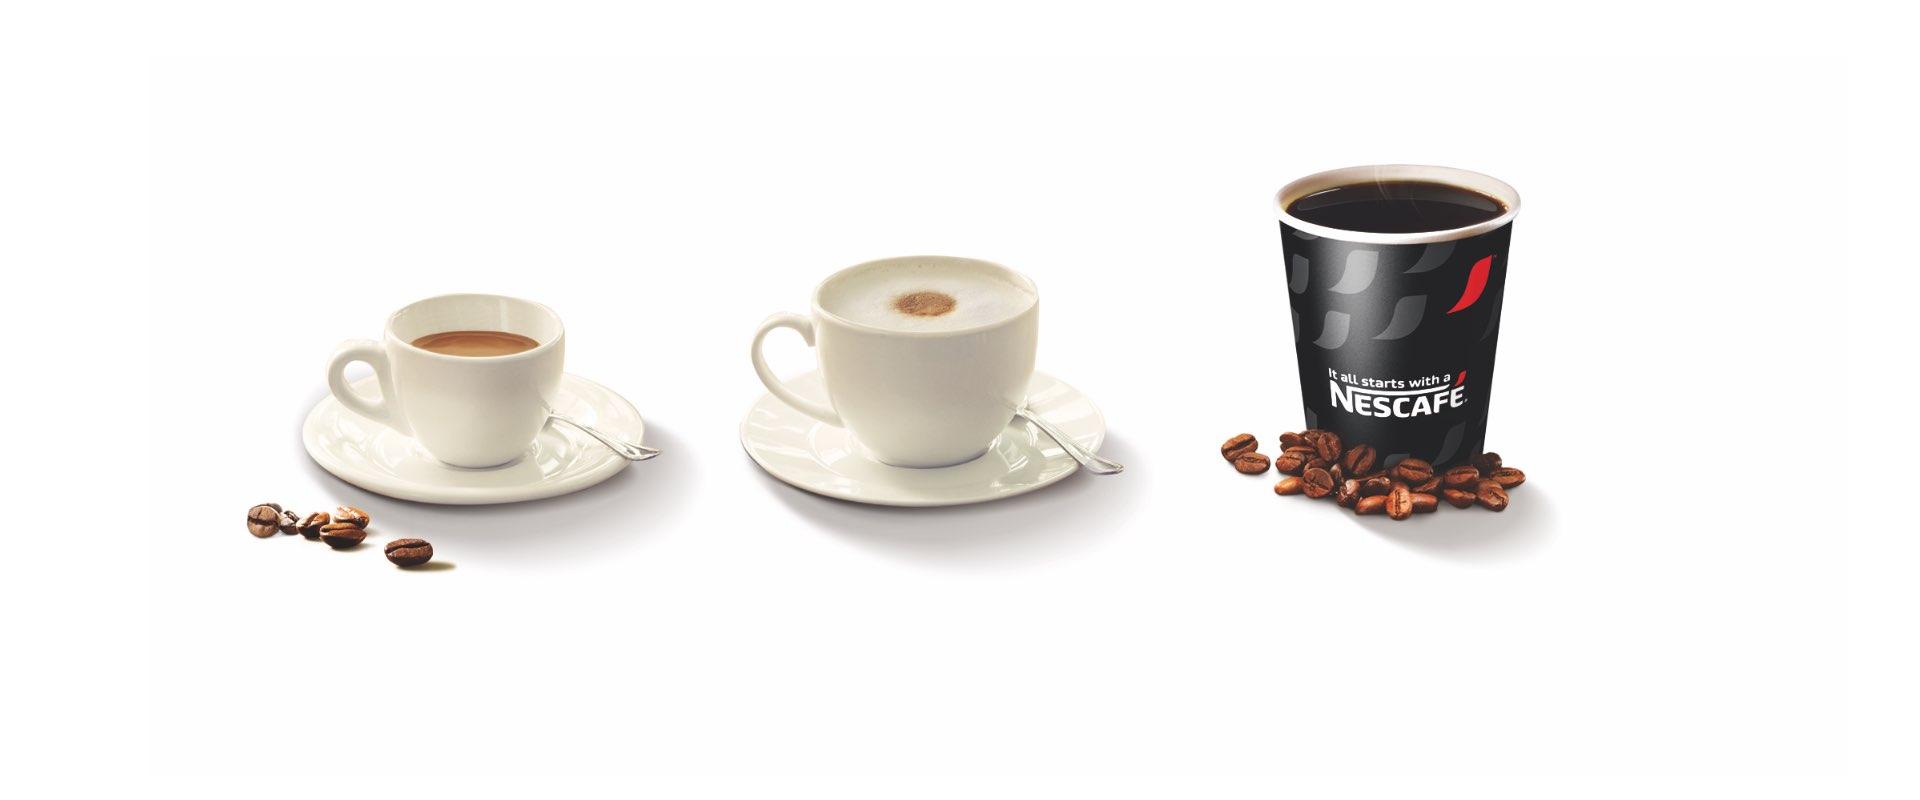 event design miscele in grani Nescafé Nestlé professional SIGEP